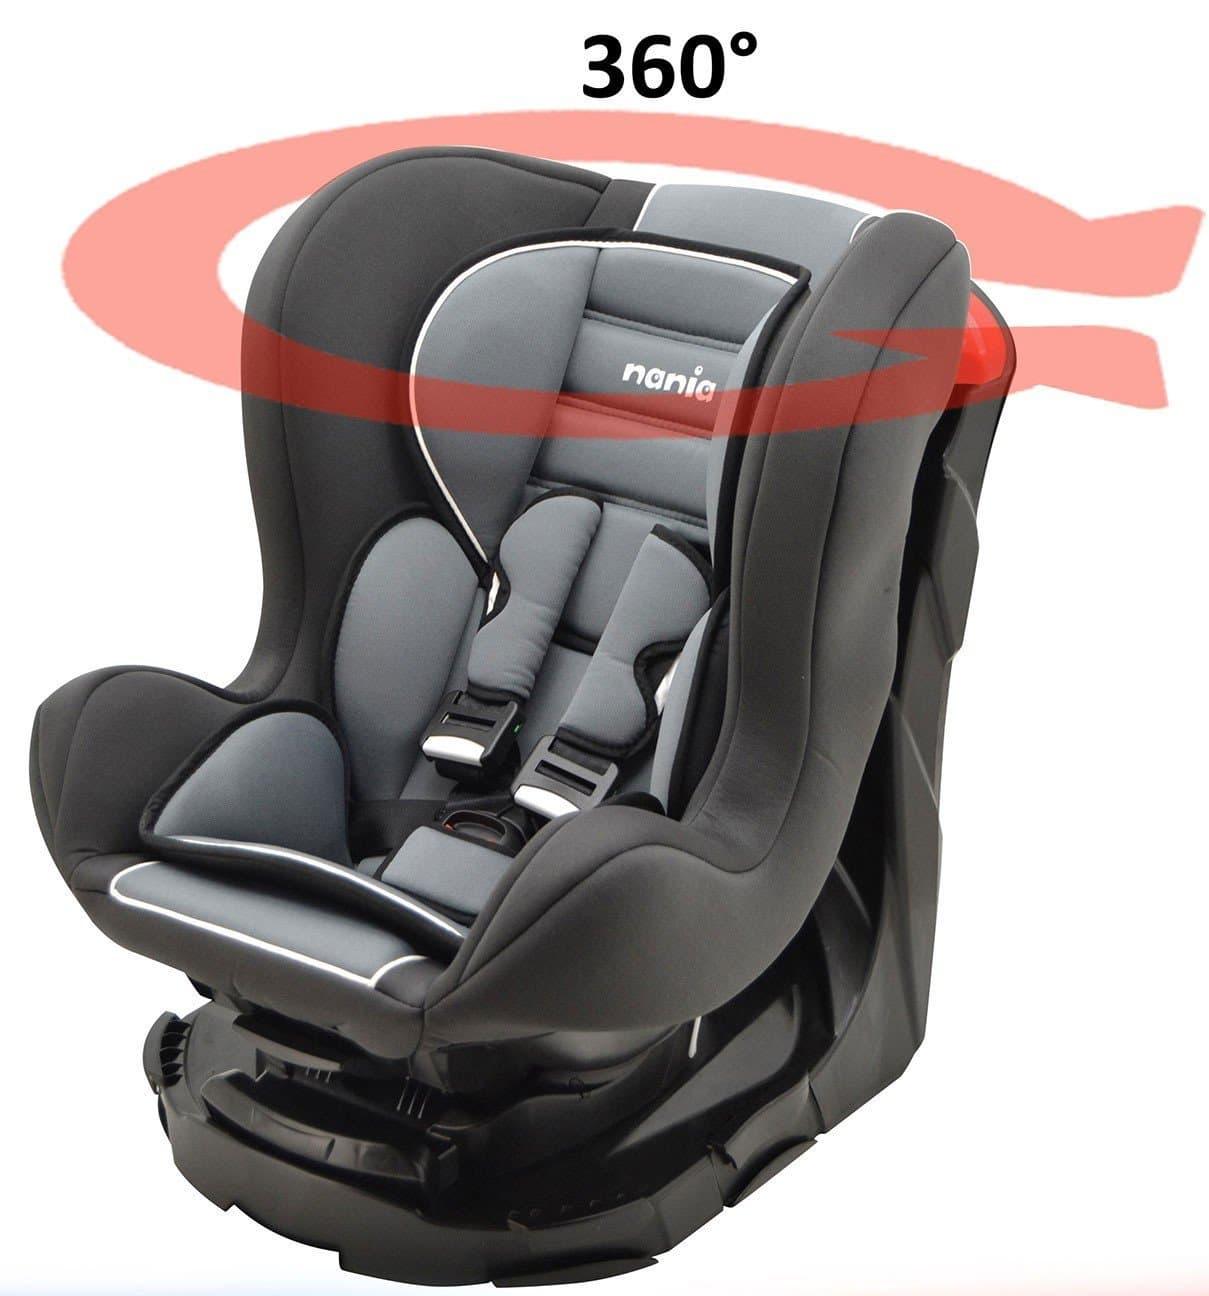 4236428f90915 Test du siège auto pour bébé Mycarsit 360° Storm - Tout pour l Auto